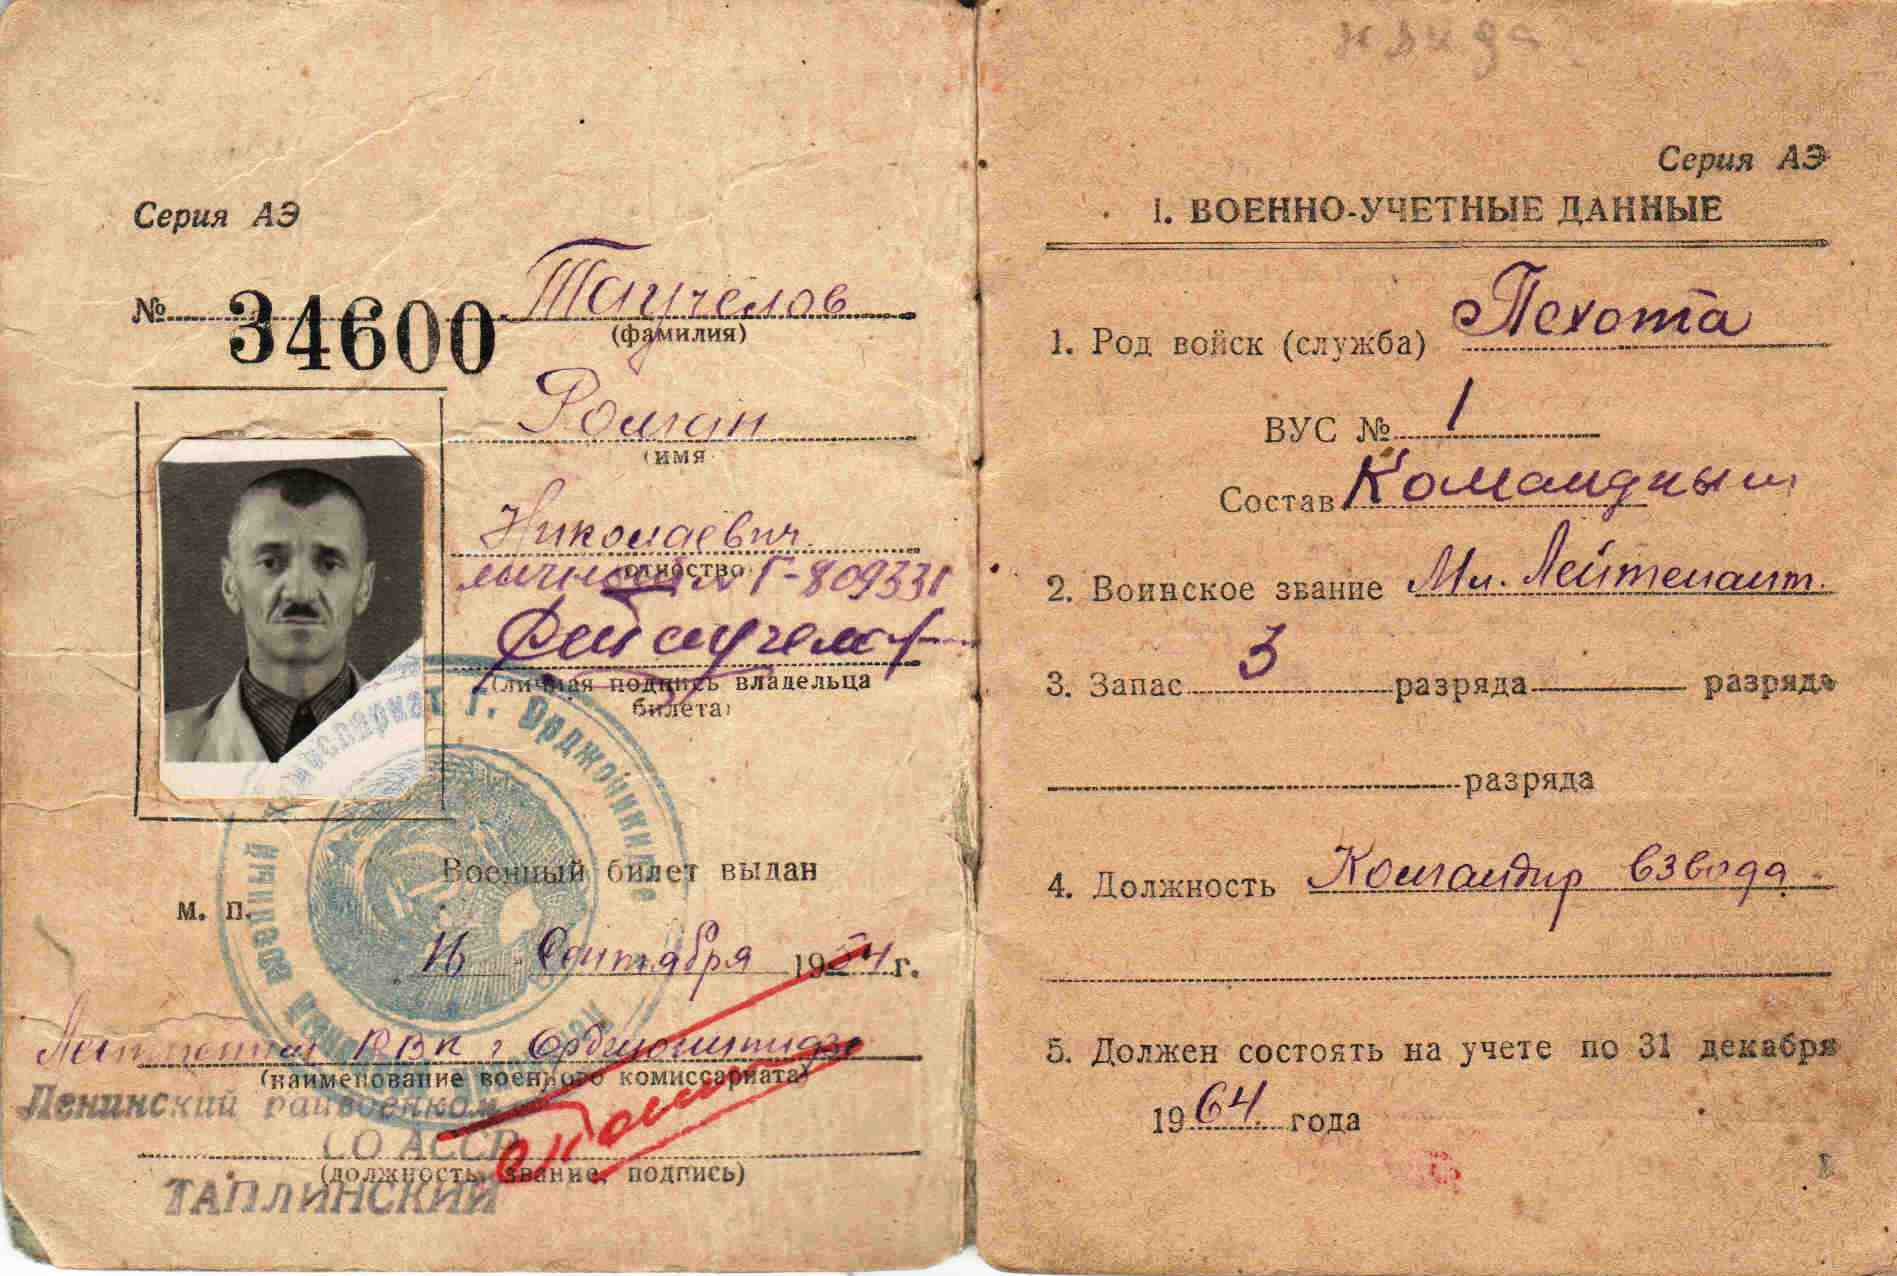 1. Военный билет, Таучелов Р.Н. (1)